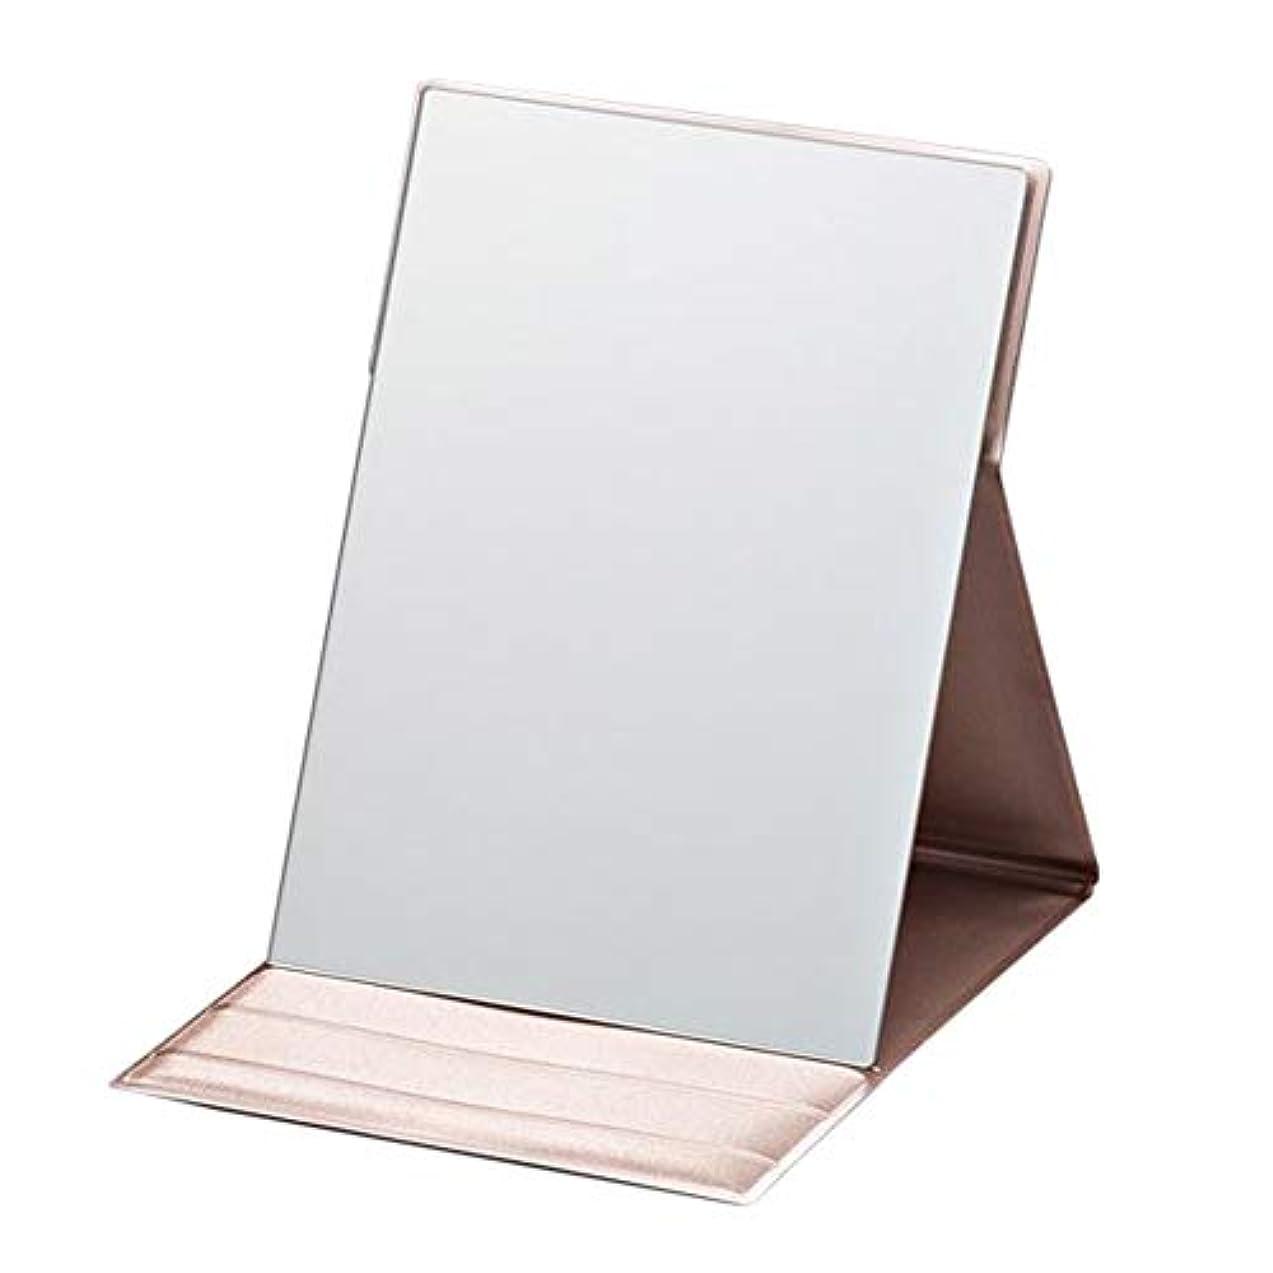 イースター購入プランタープロモデル折立 M ピンクゴールド 折り畳み式化粧鏡